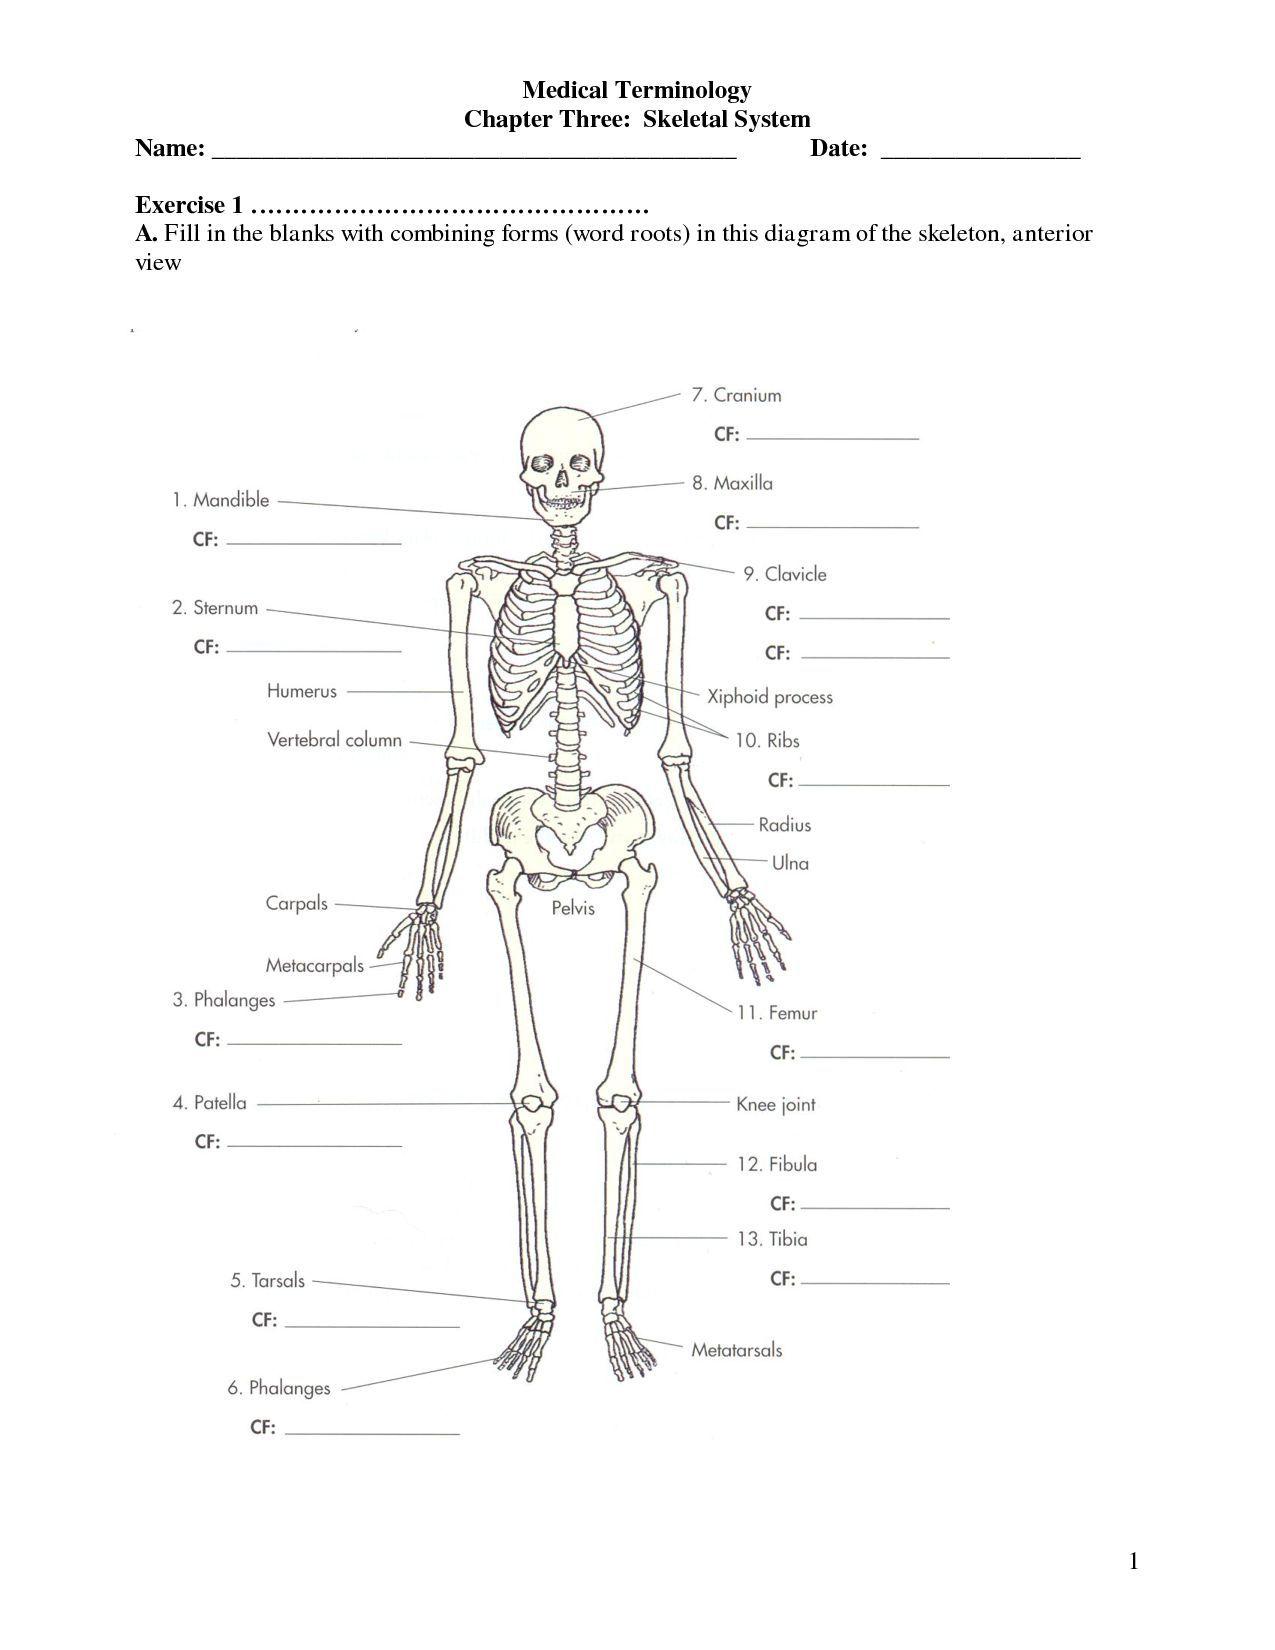 unlabeled human skeleton diagram unlabeled human skeleton diagram printable human skeleton diagram unlabeled human skeleton [ 1275 x 1650 Pixel ]